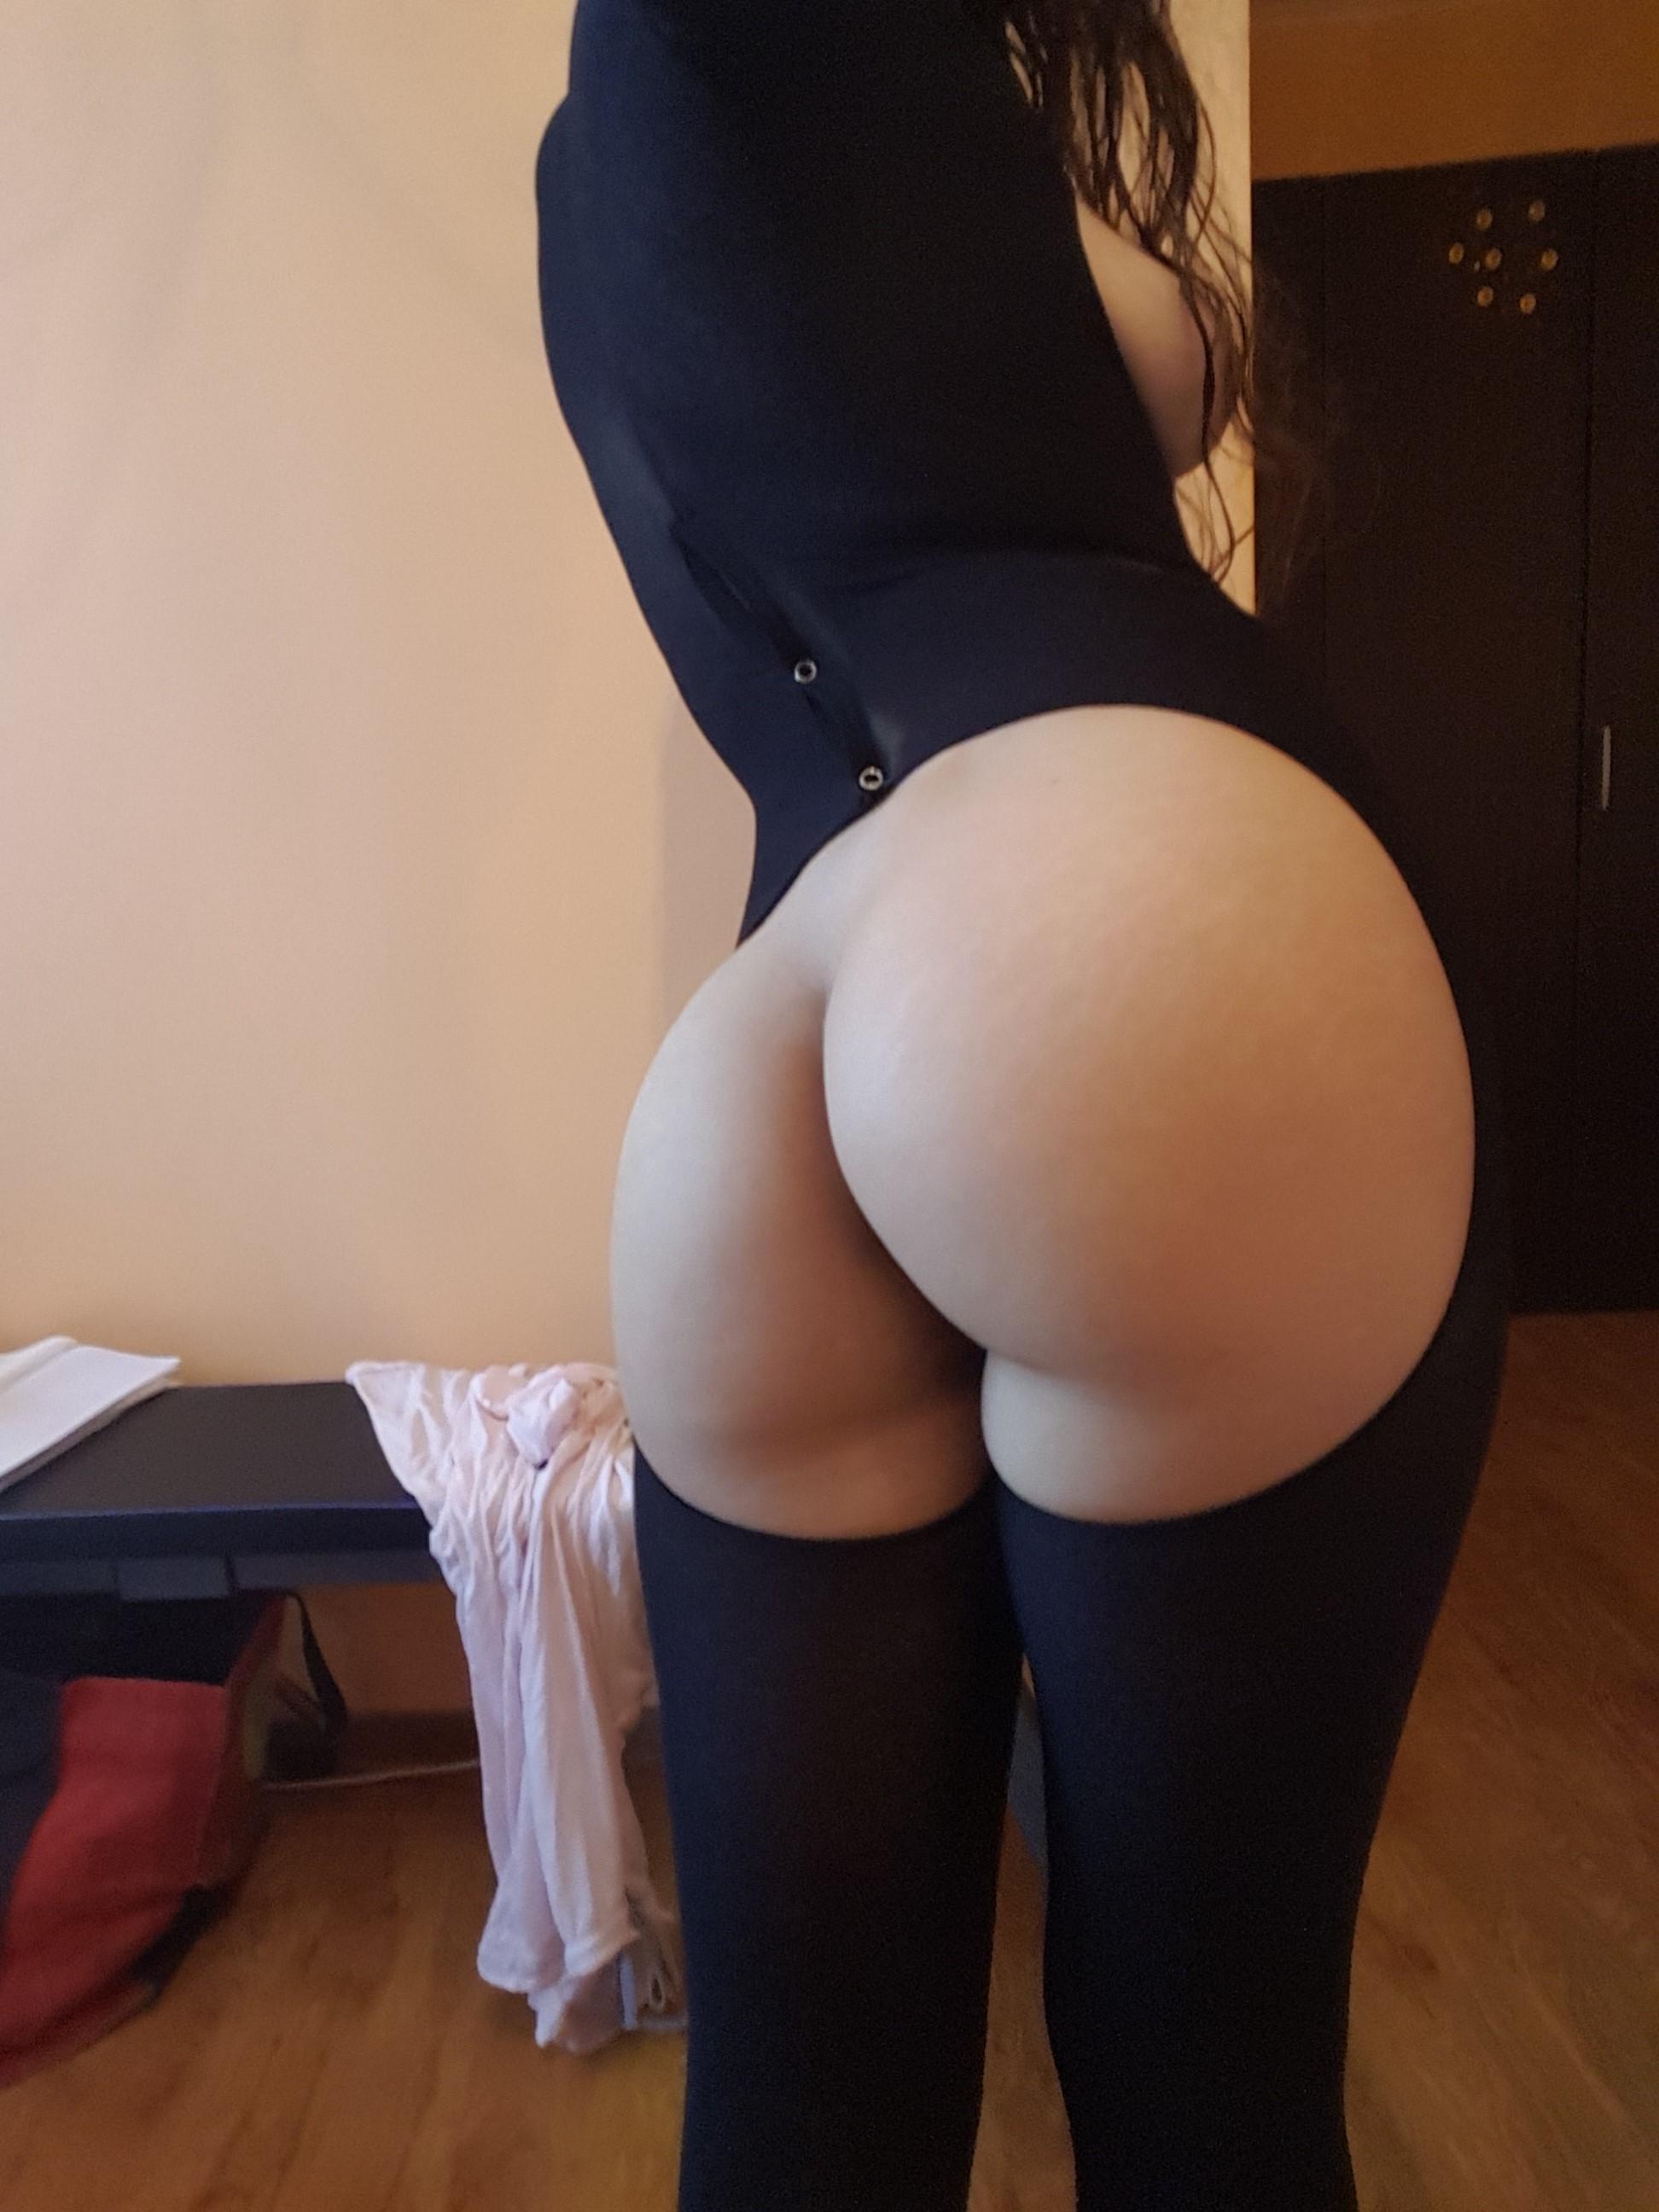 Красивые женские попки на любительскую камеру секс фото и порно фото